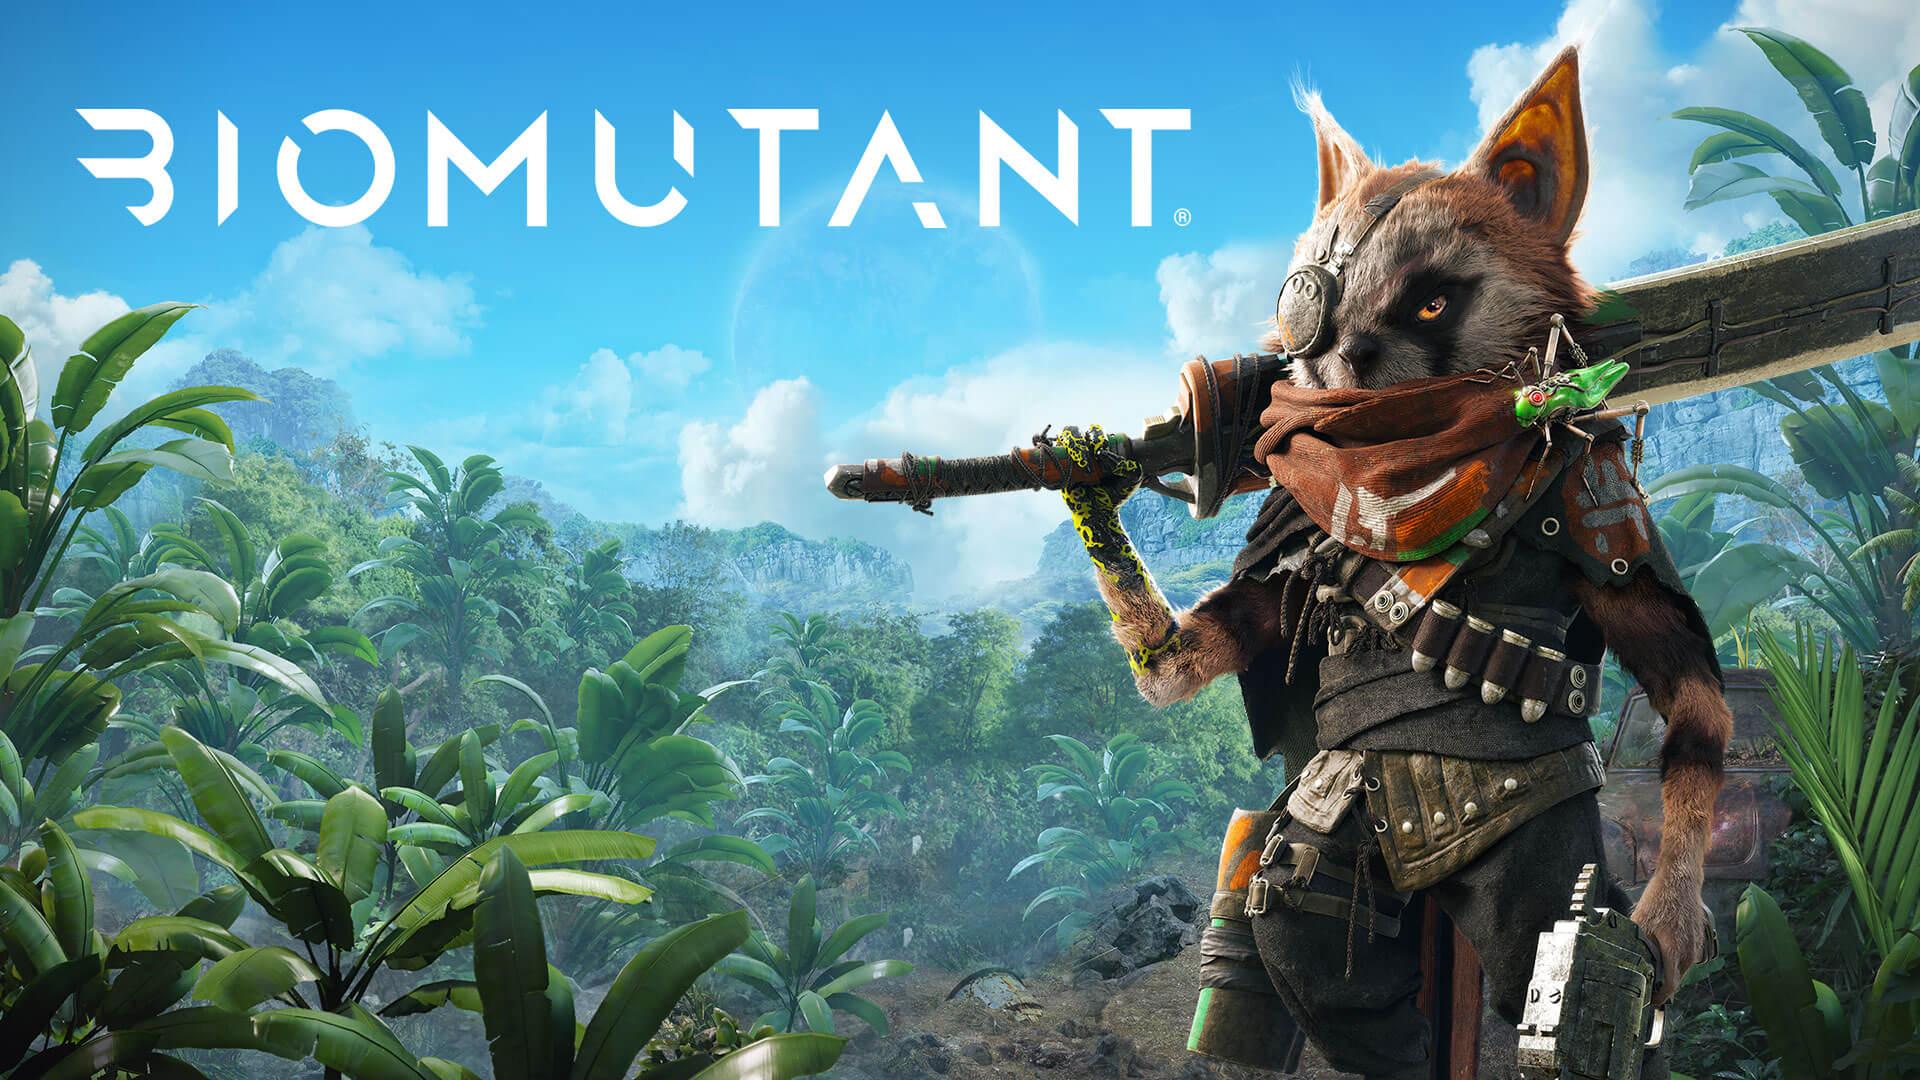 بهروزرسانی جدید بازی Biomutant به زودی منتشر میشود